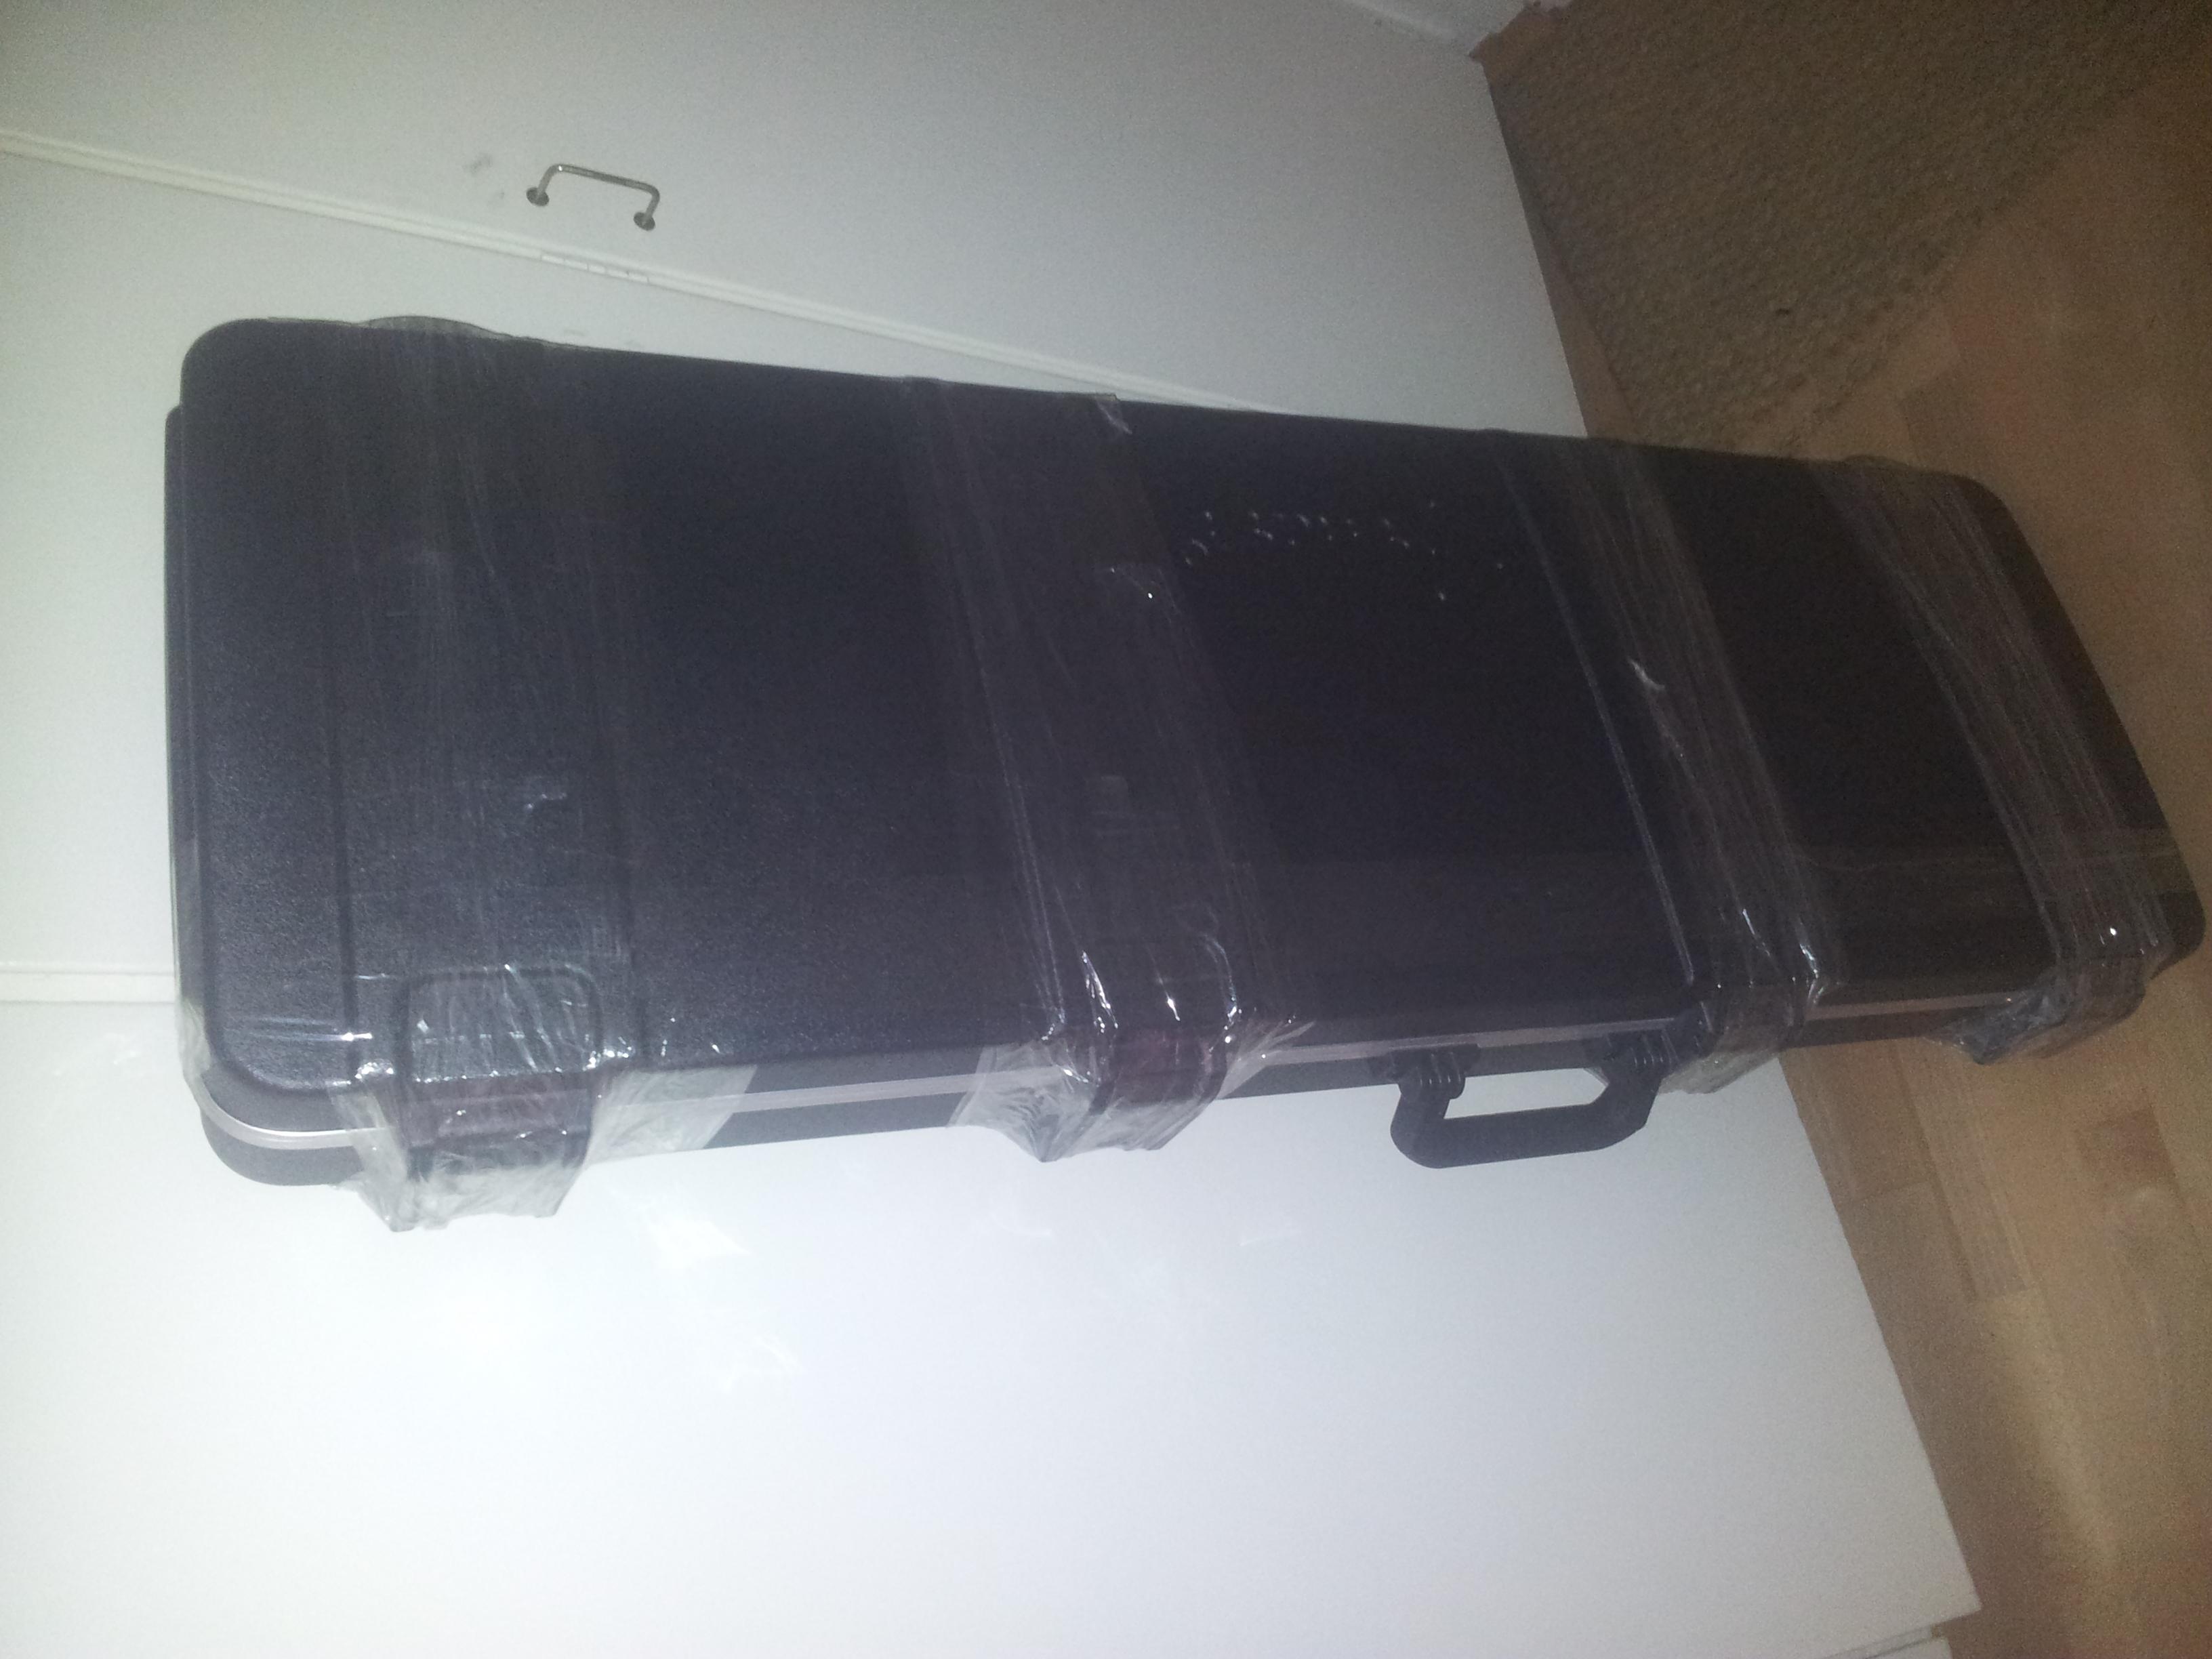 importação via bagagem acompanhada: relato de caso 20120716_114651